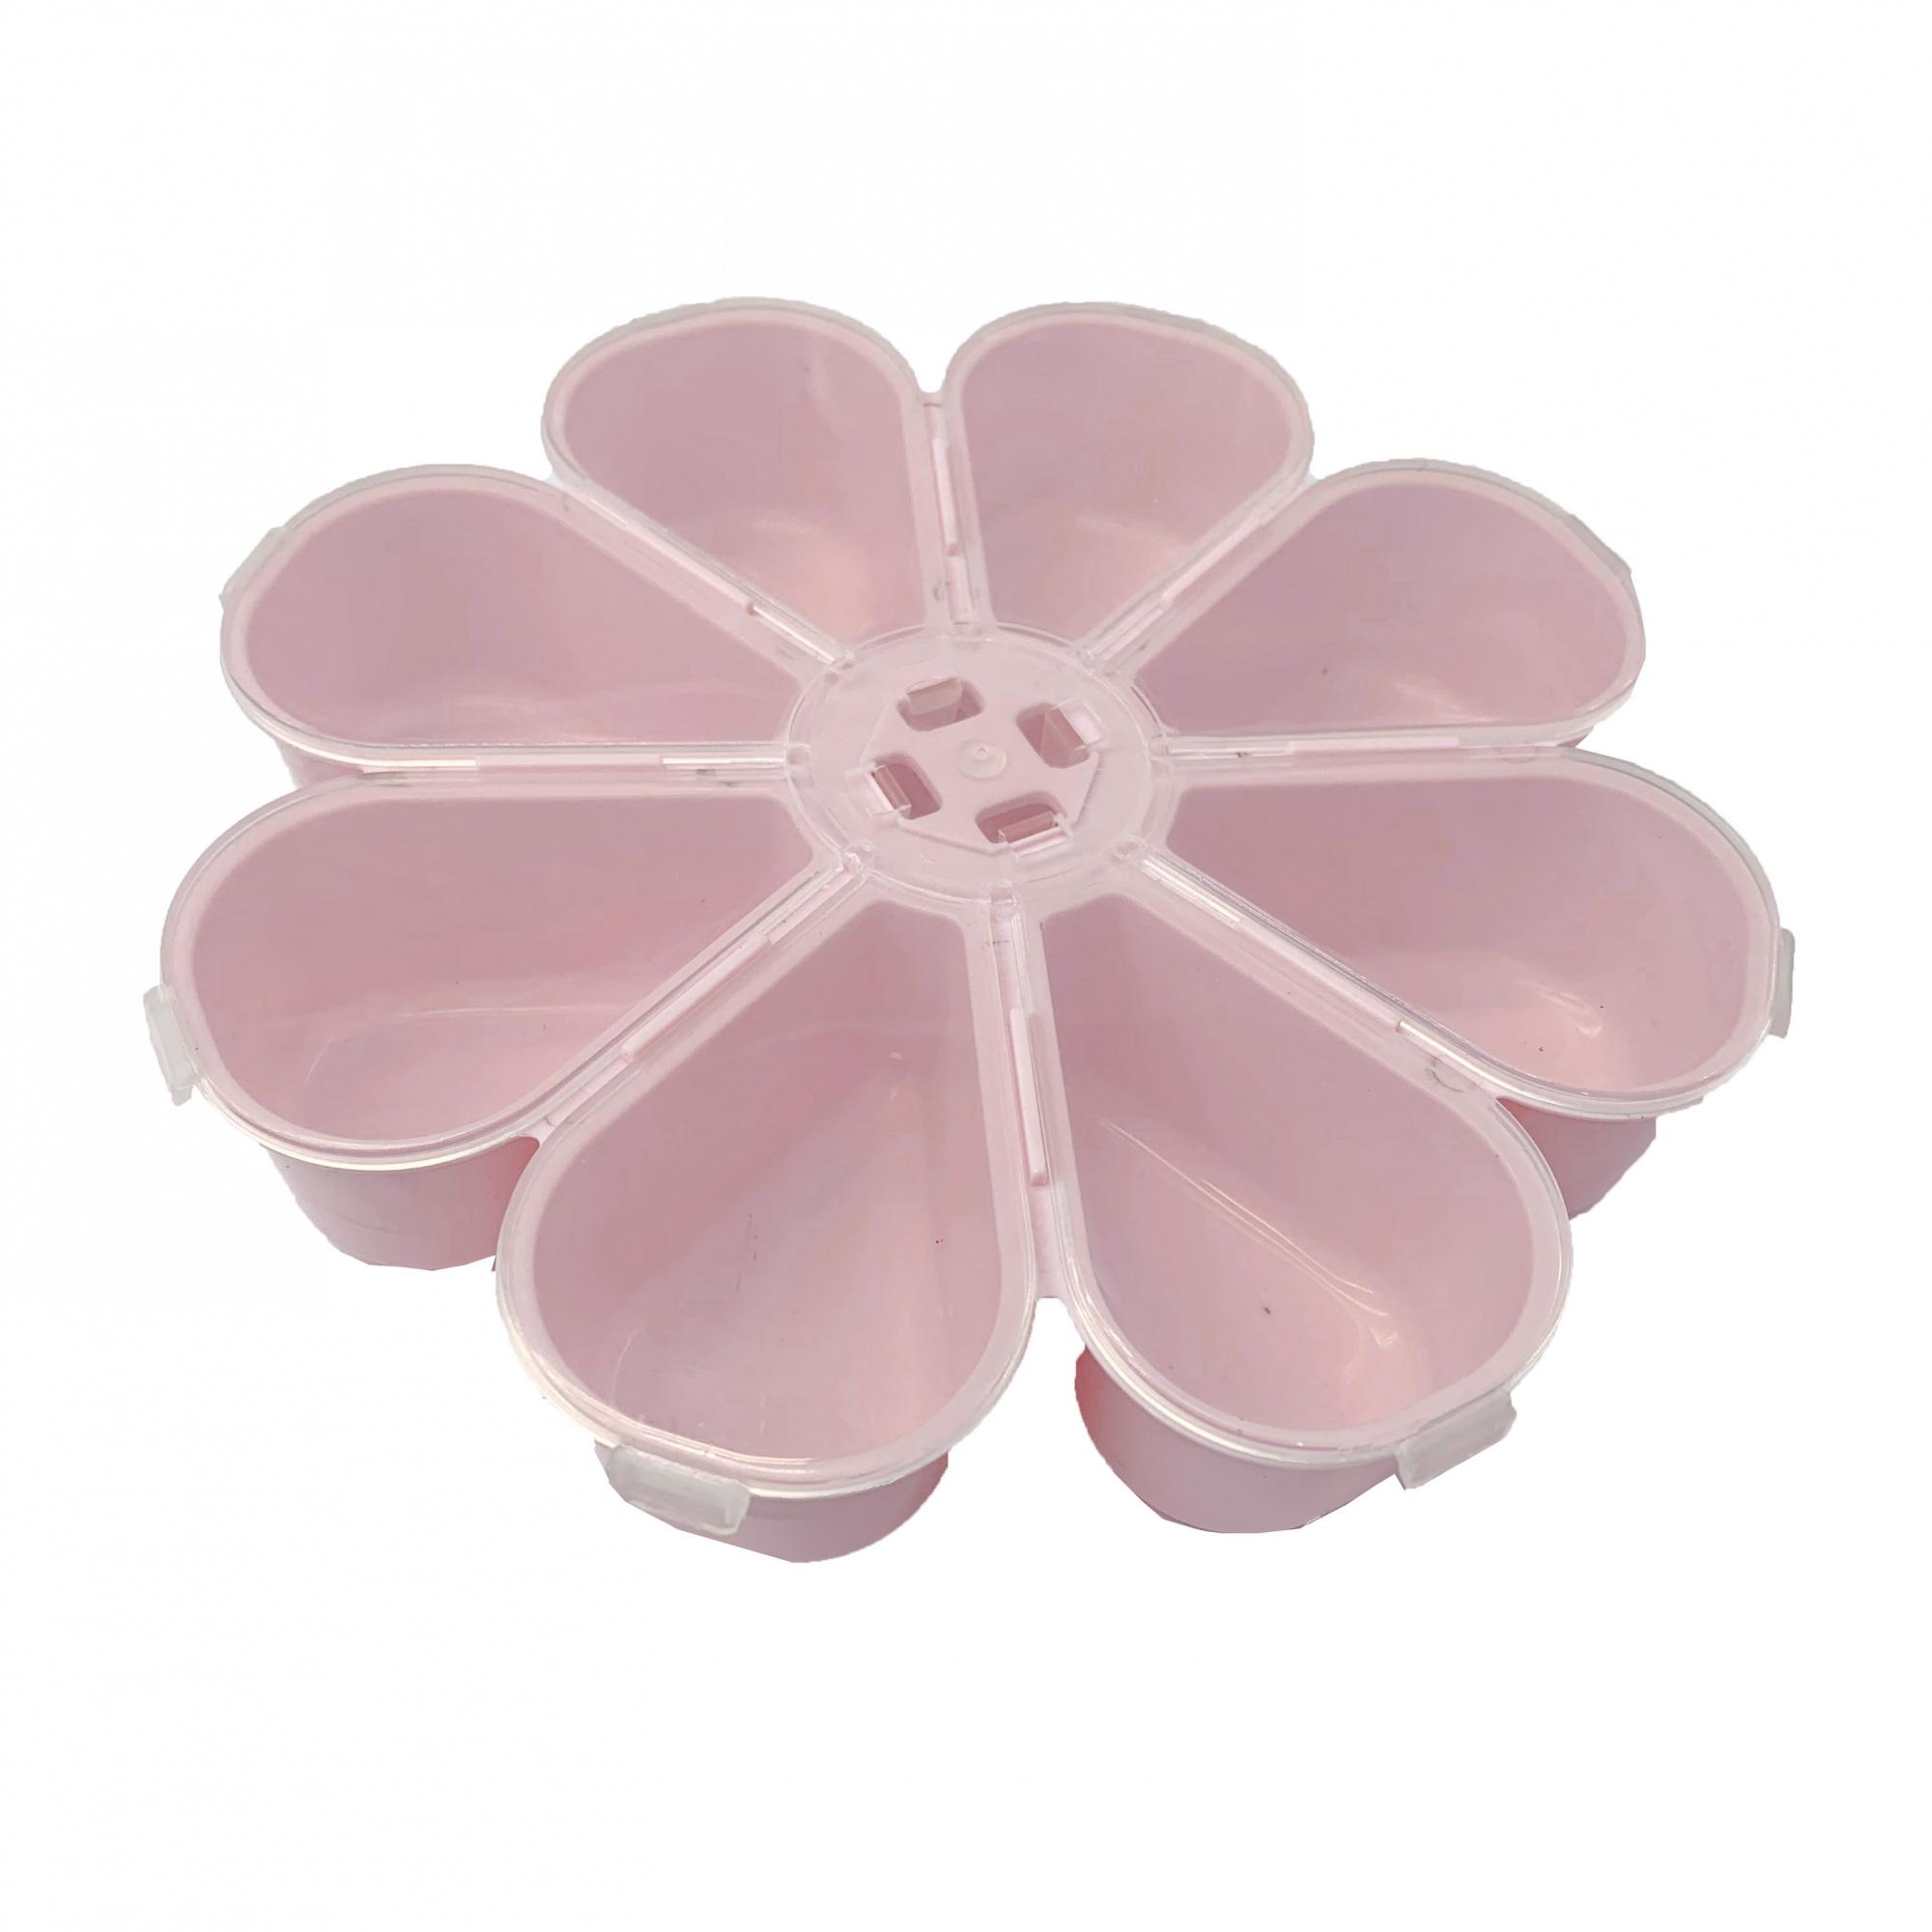 Caixa Organizadora Flor - Transparente e Rosa Bebê  - Universo Religioso® - Artigos de Umbanda e Candomblé